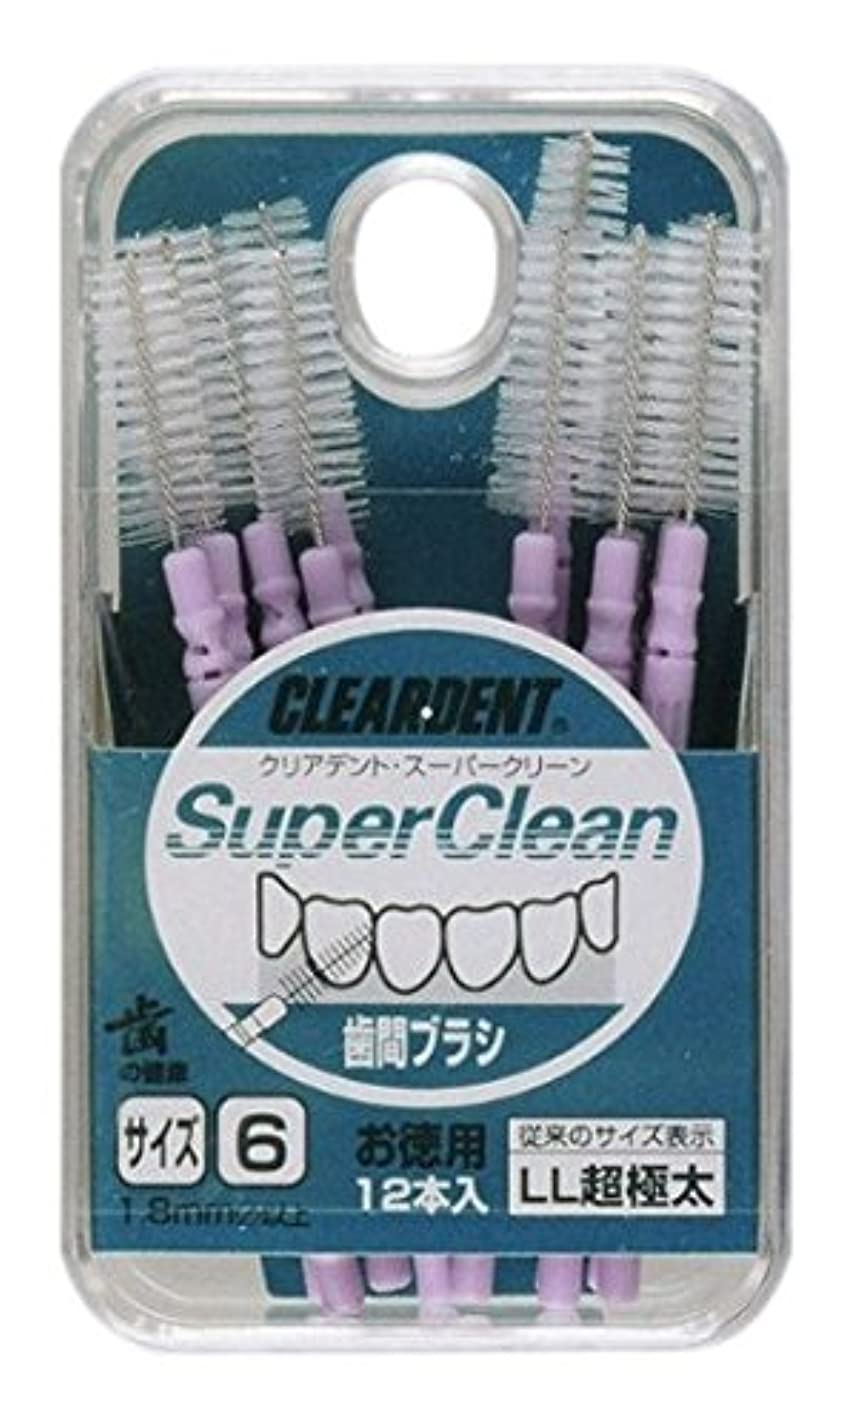 不均一ブラウン充電クリアデント 歯間ブラシ(お徳用) サイズ6 LL 超極太 12本入